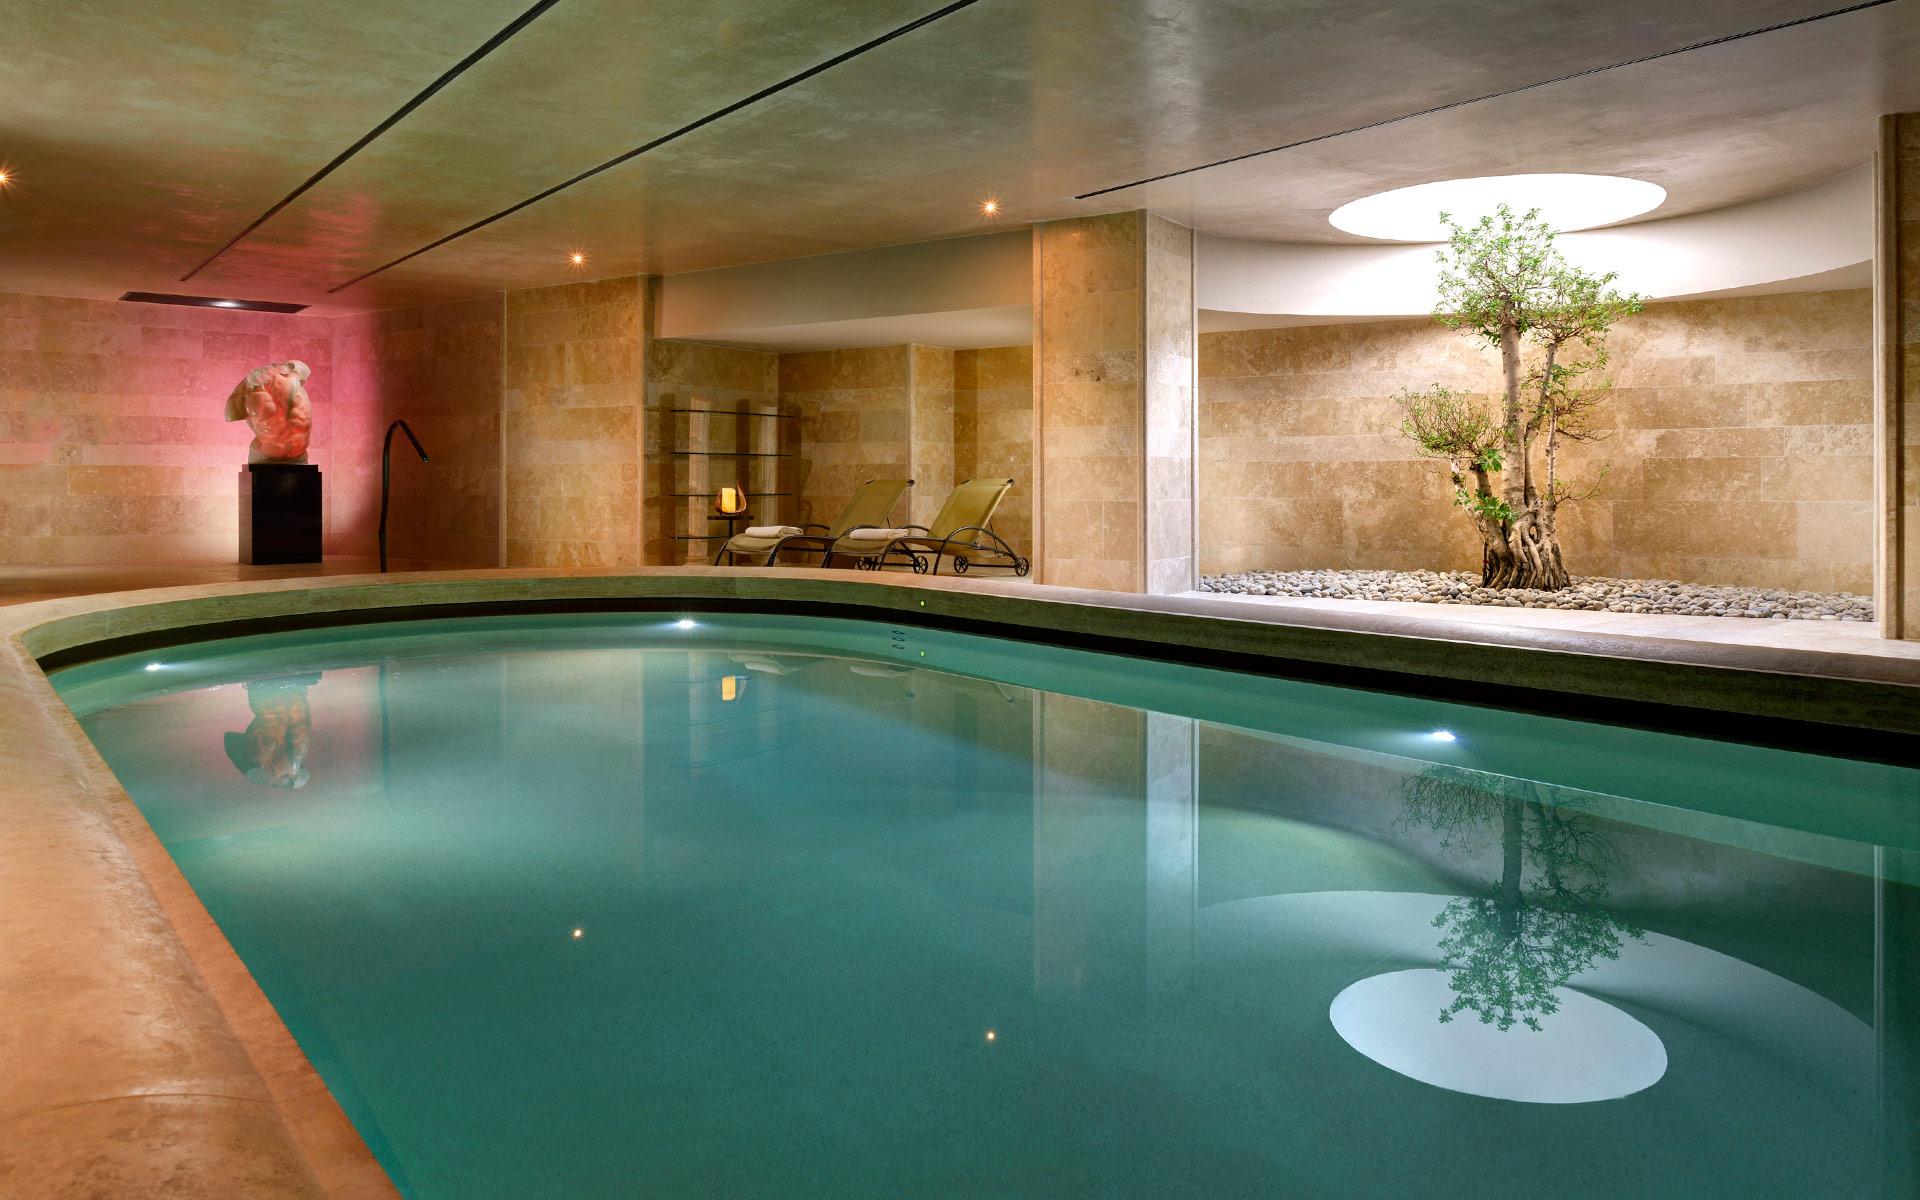 AROMA_Wellness-and-Spa_Pool.jpg